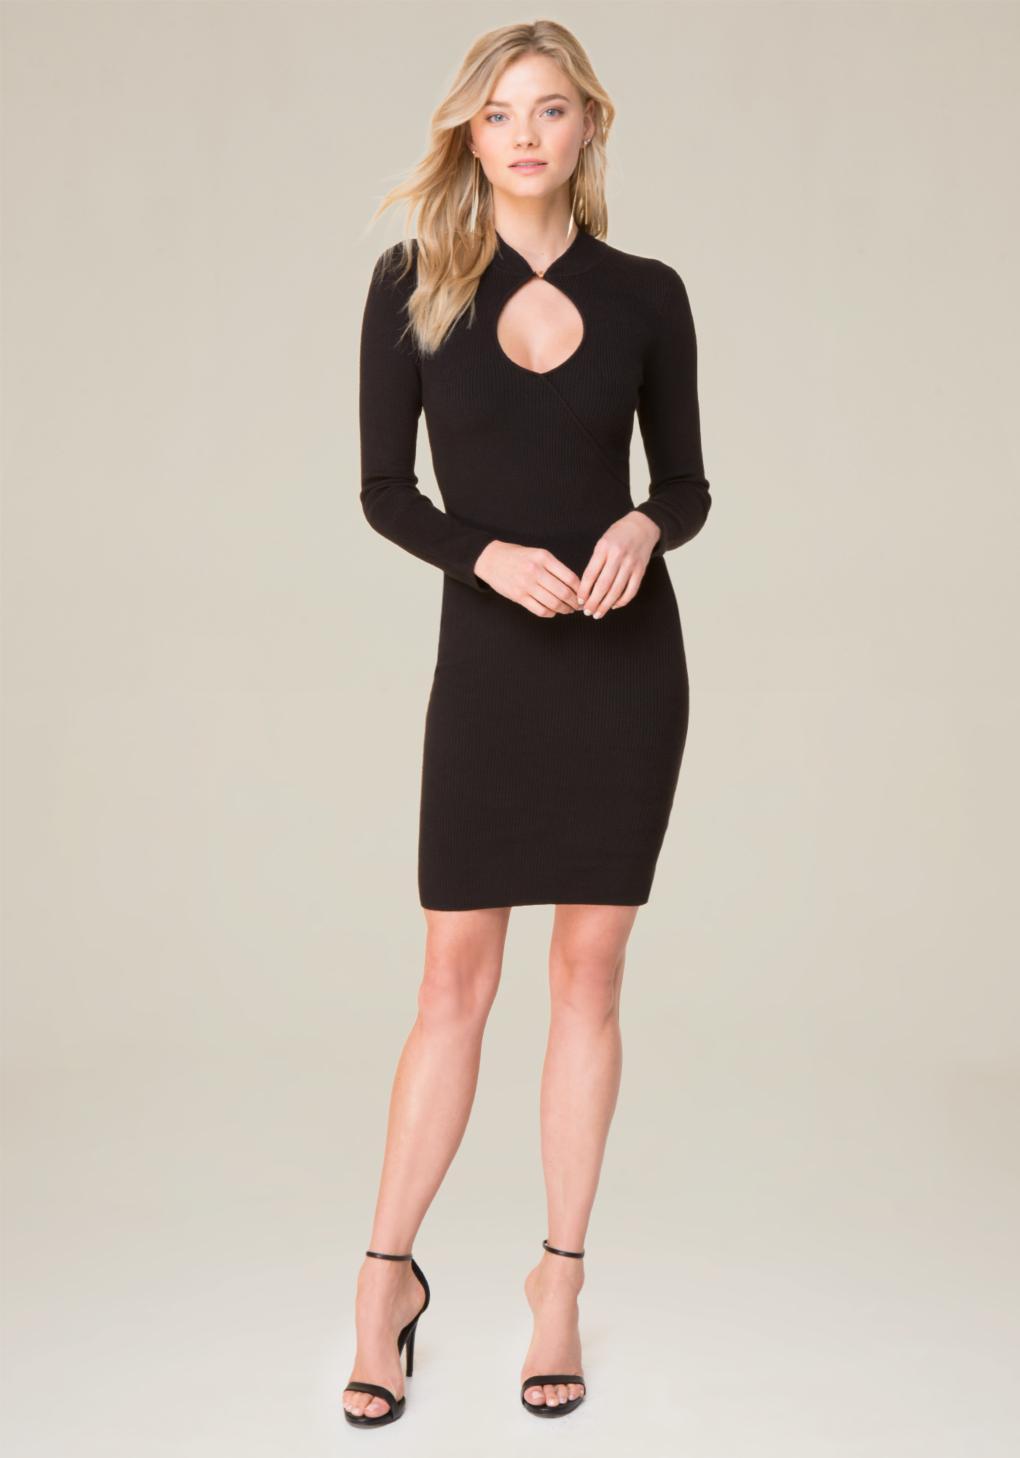 lyst bebe keyhole knit dress in black. Black Bedroom Furniture Sets. Home Design Ideas